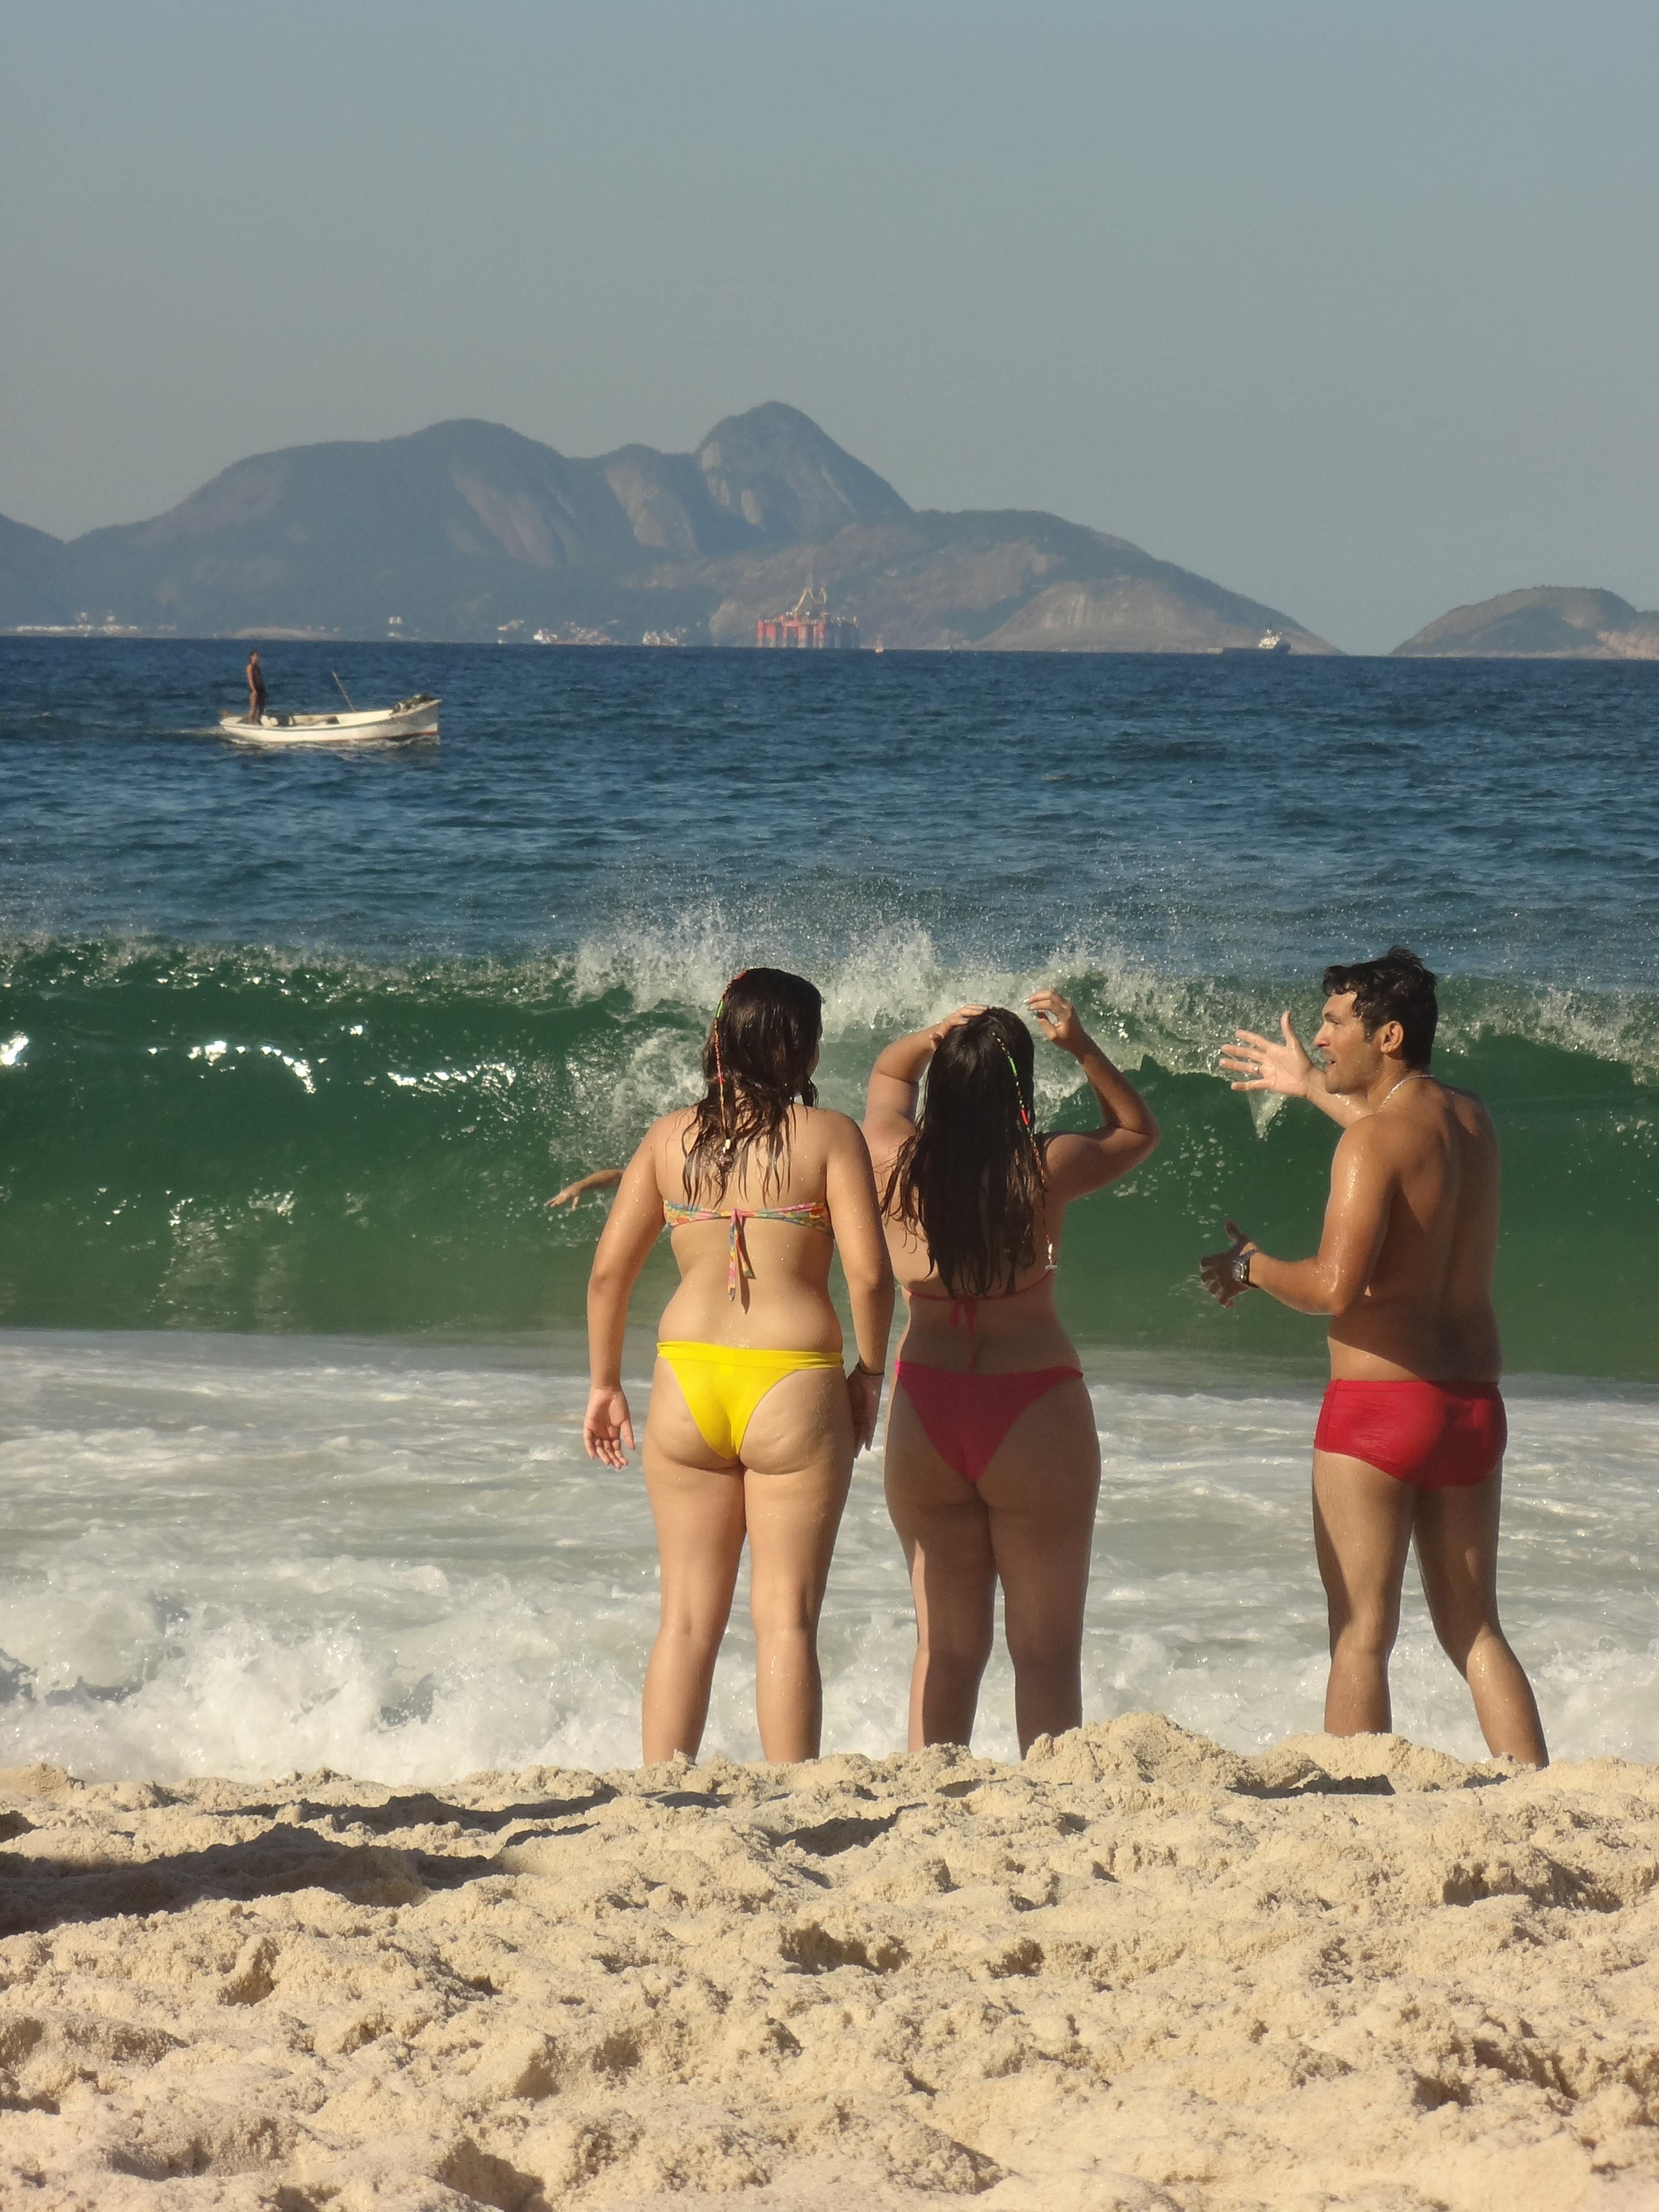 of bikini the land From